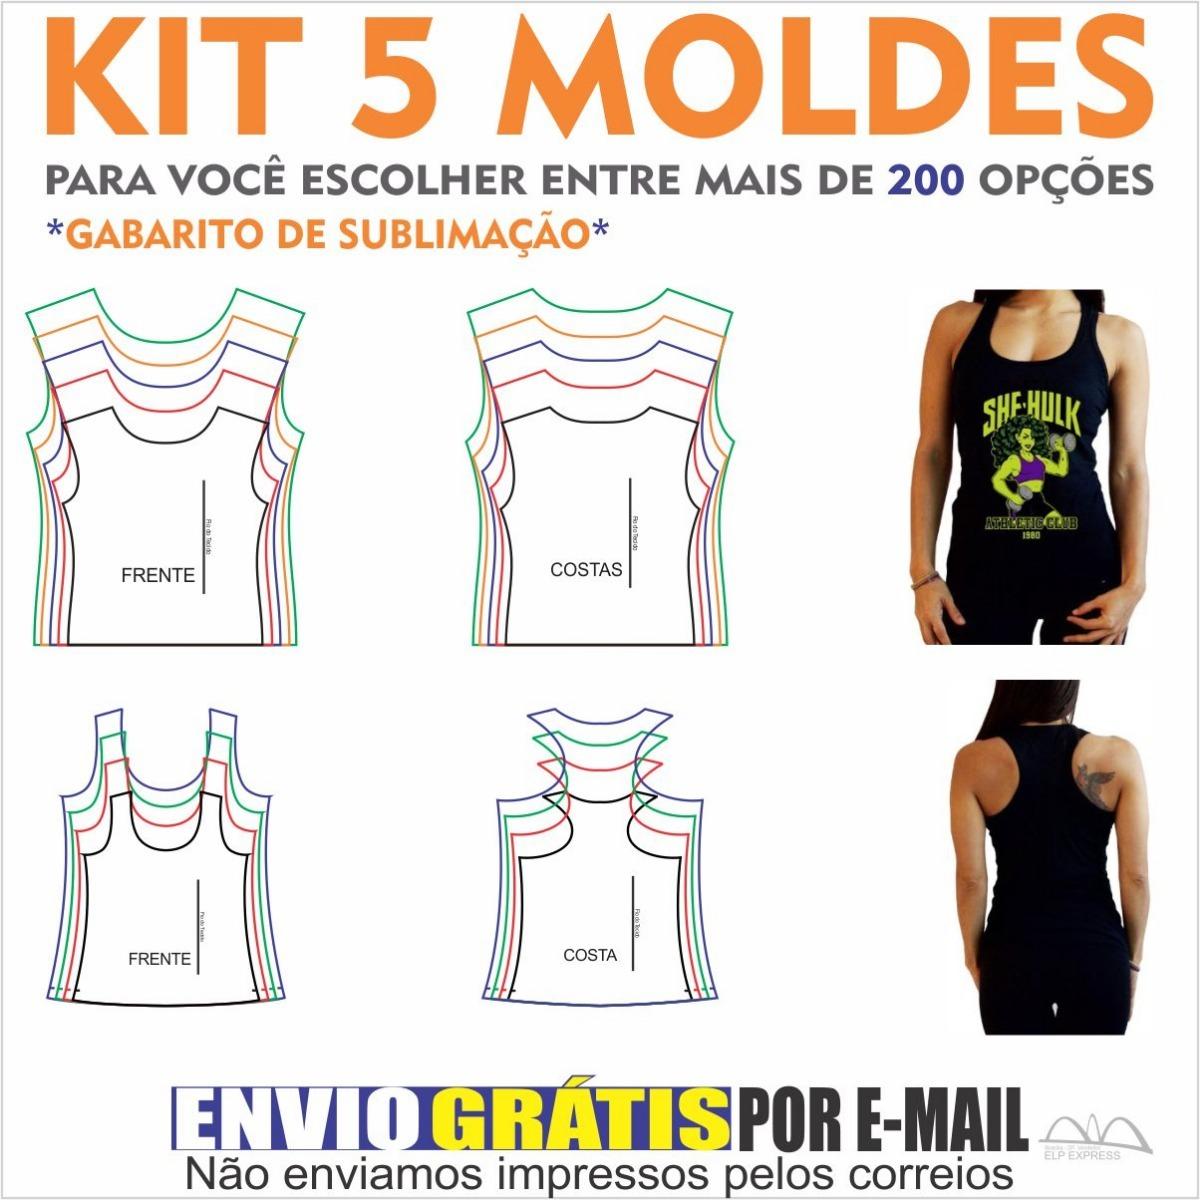 Kit 5 Moldes De Roupas A Sua Escolha. Camisas 31f0991cc0c71